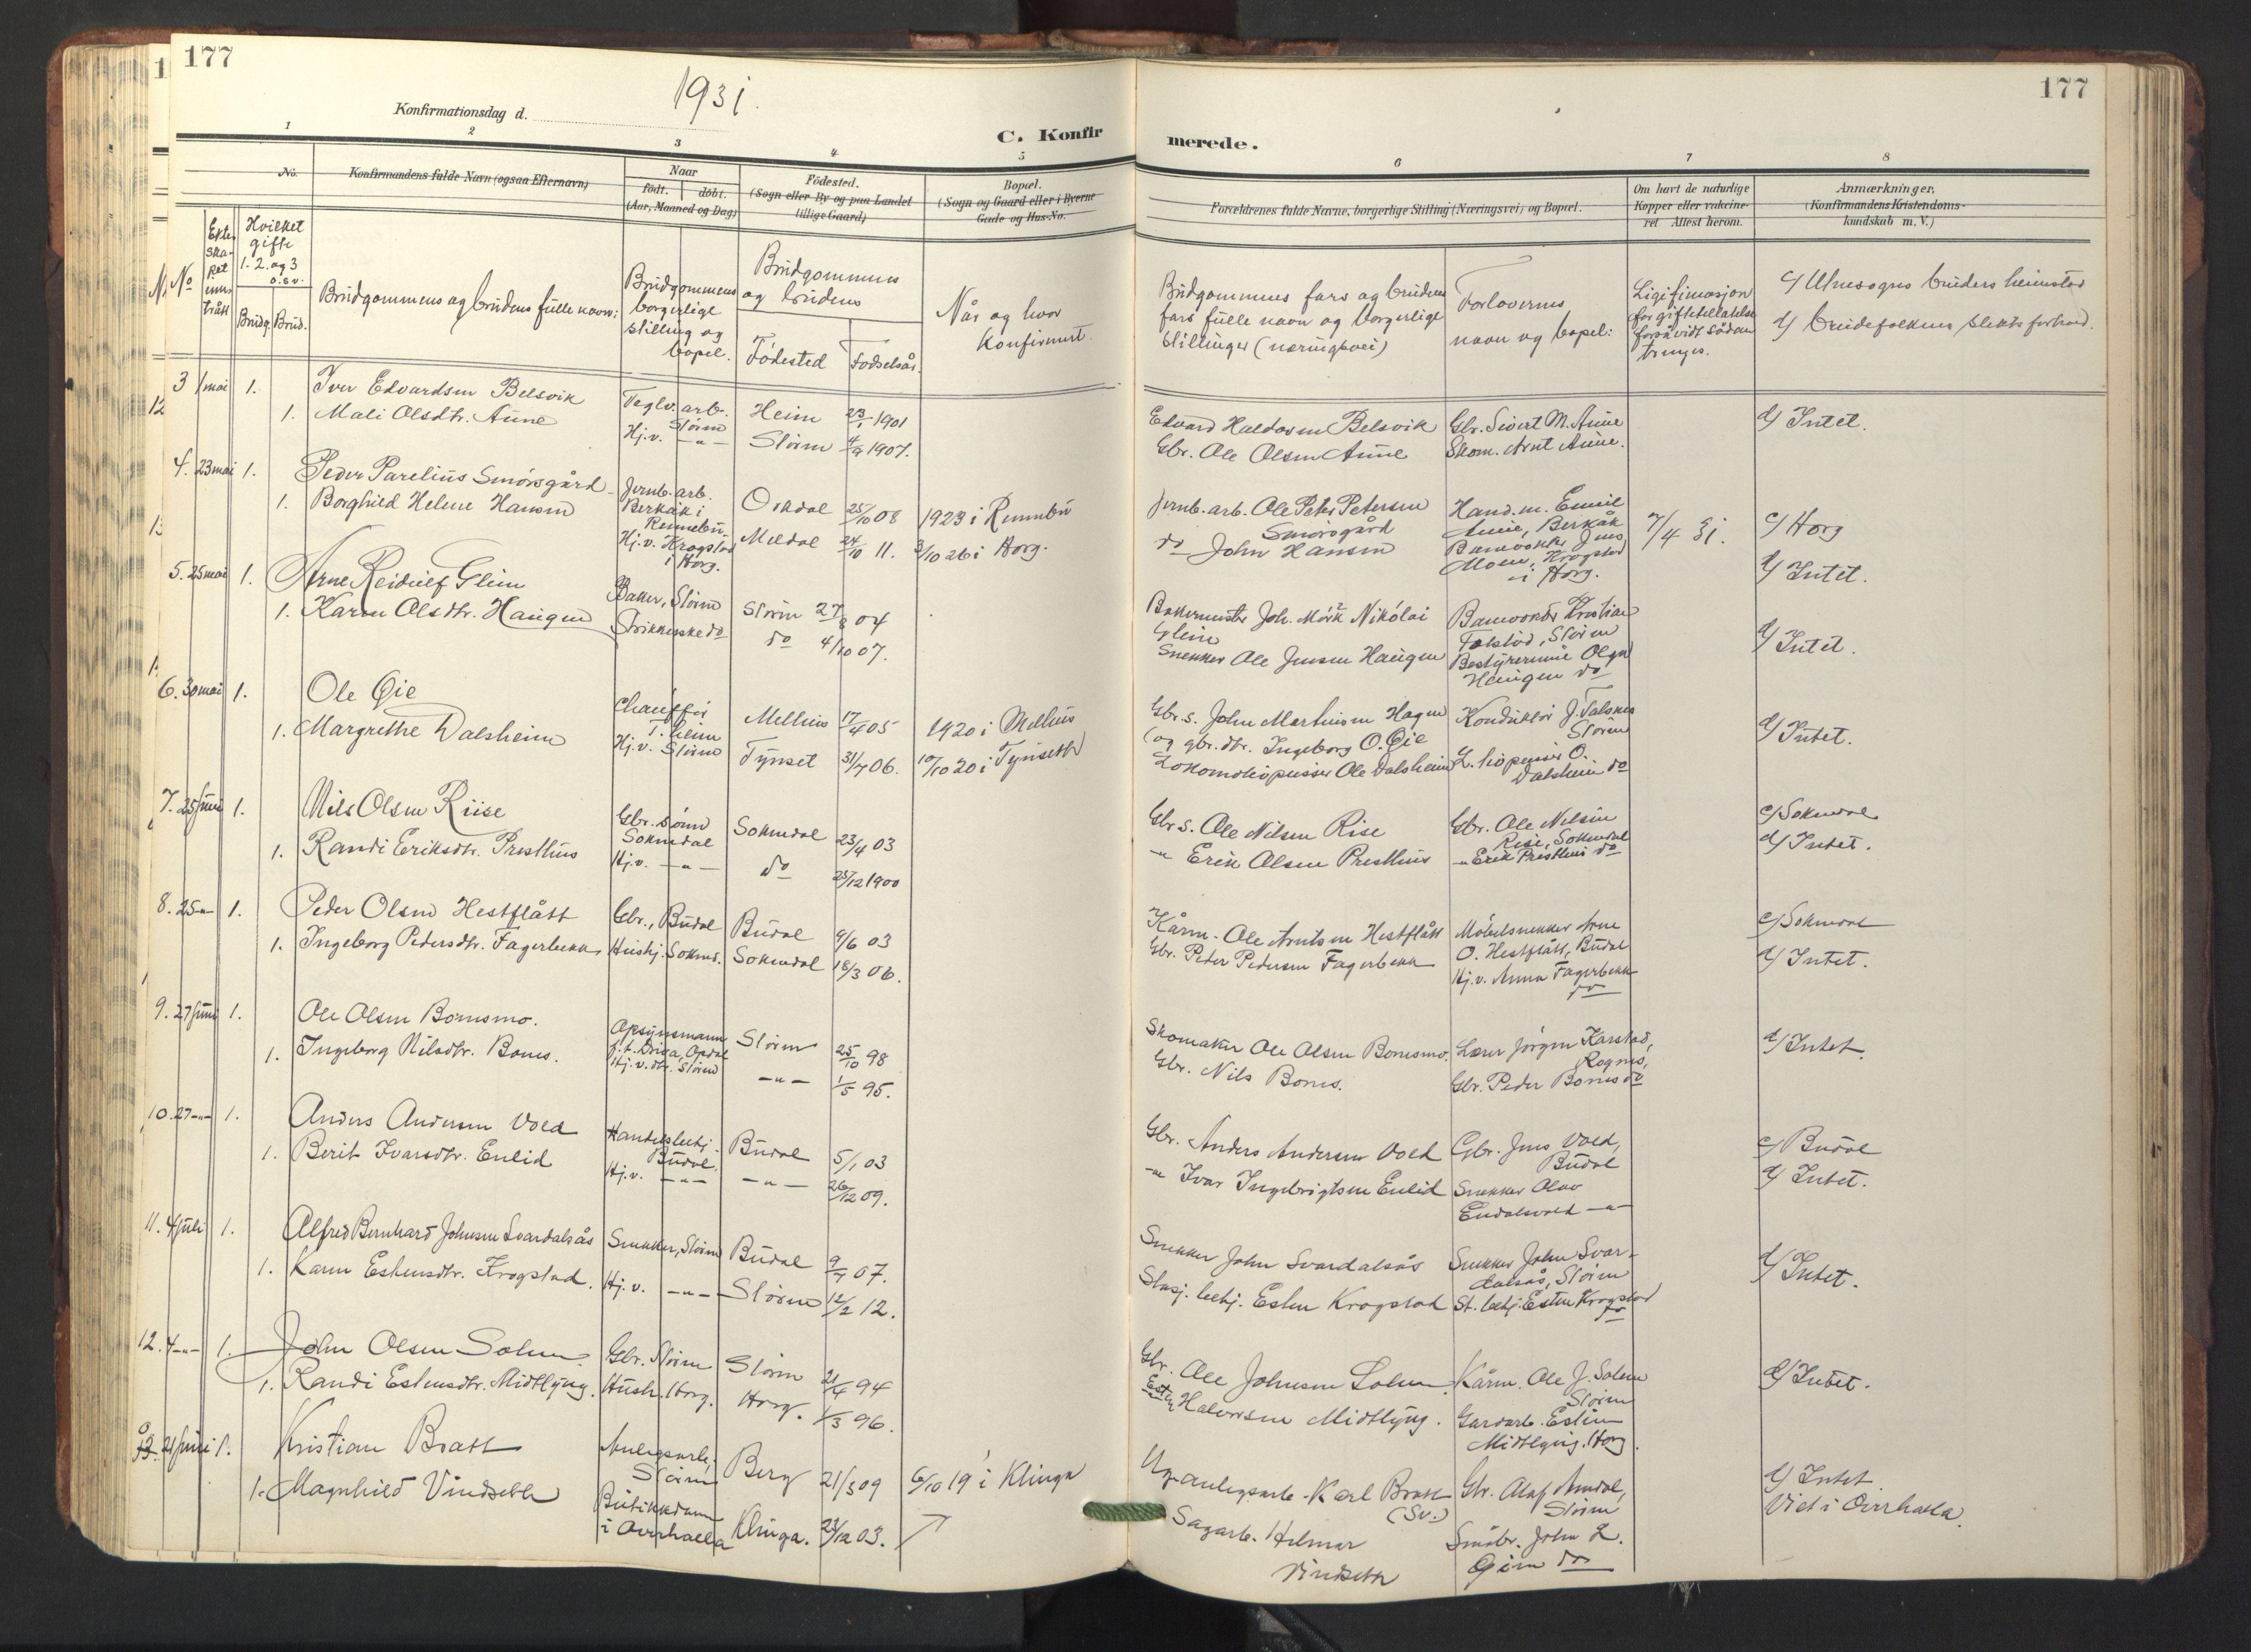 SAT, Ministerialprotokoller, klokkerbøker og fødselsregistre - Sør-Trøndelag, 687/L1019: Klokkerbok nr. 687C03, 1904-1931, s. 177